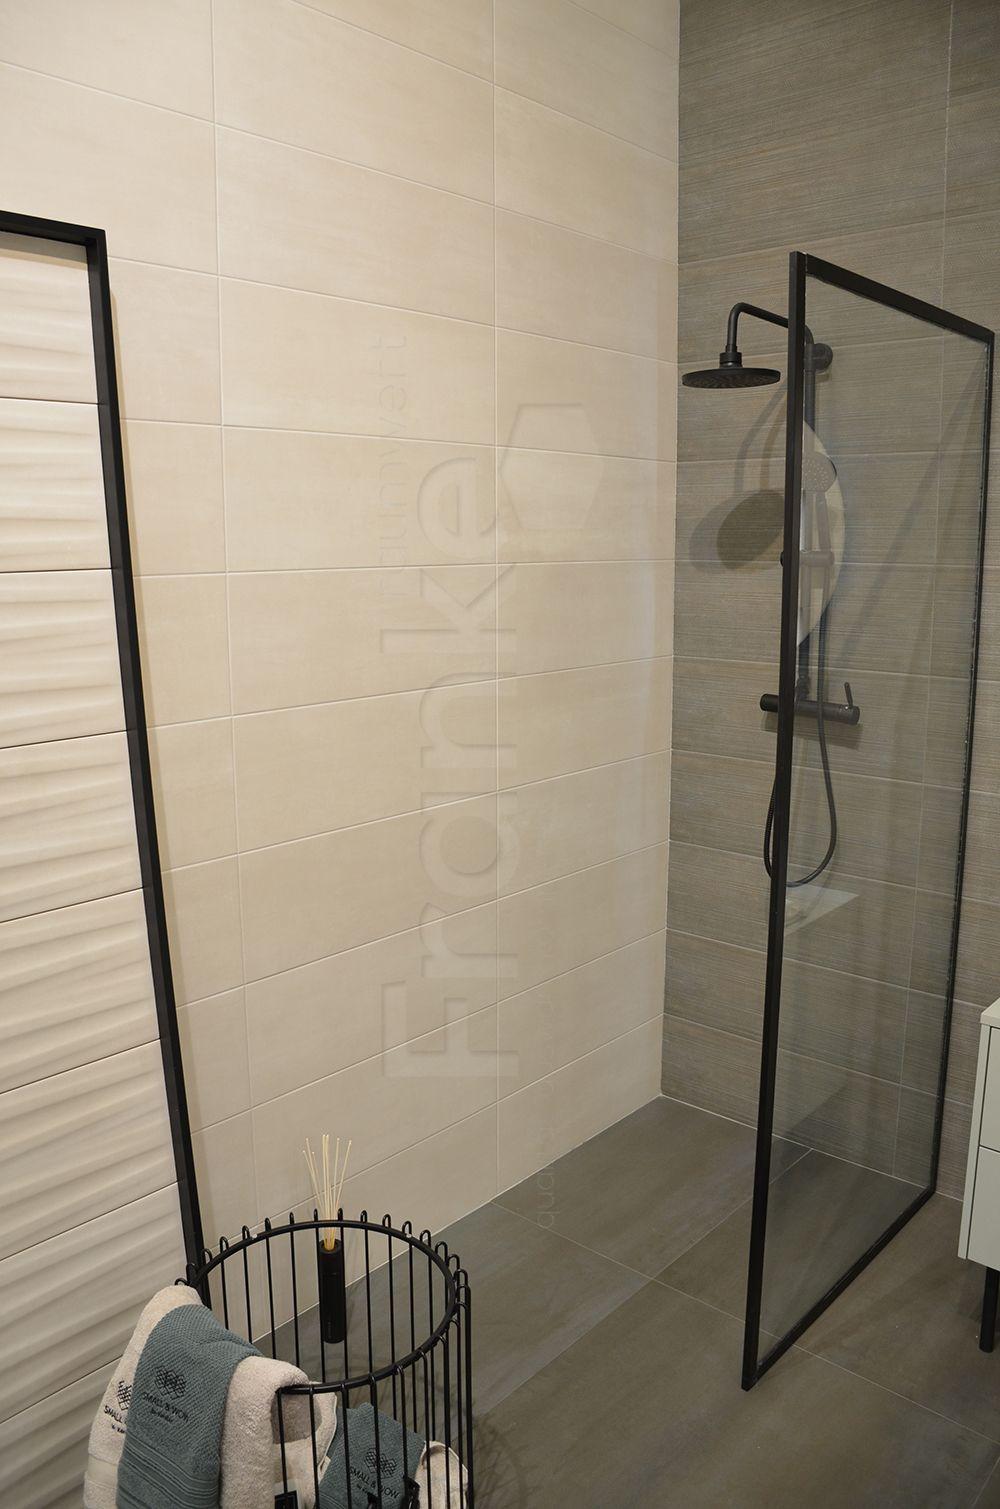 Uberlegen Die Oberfläche Setzt Auf Eleganz Und Wunderbare Lichtspiel #dusche #shower  #wandfliese #walltile